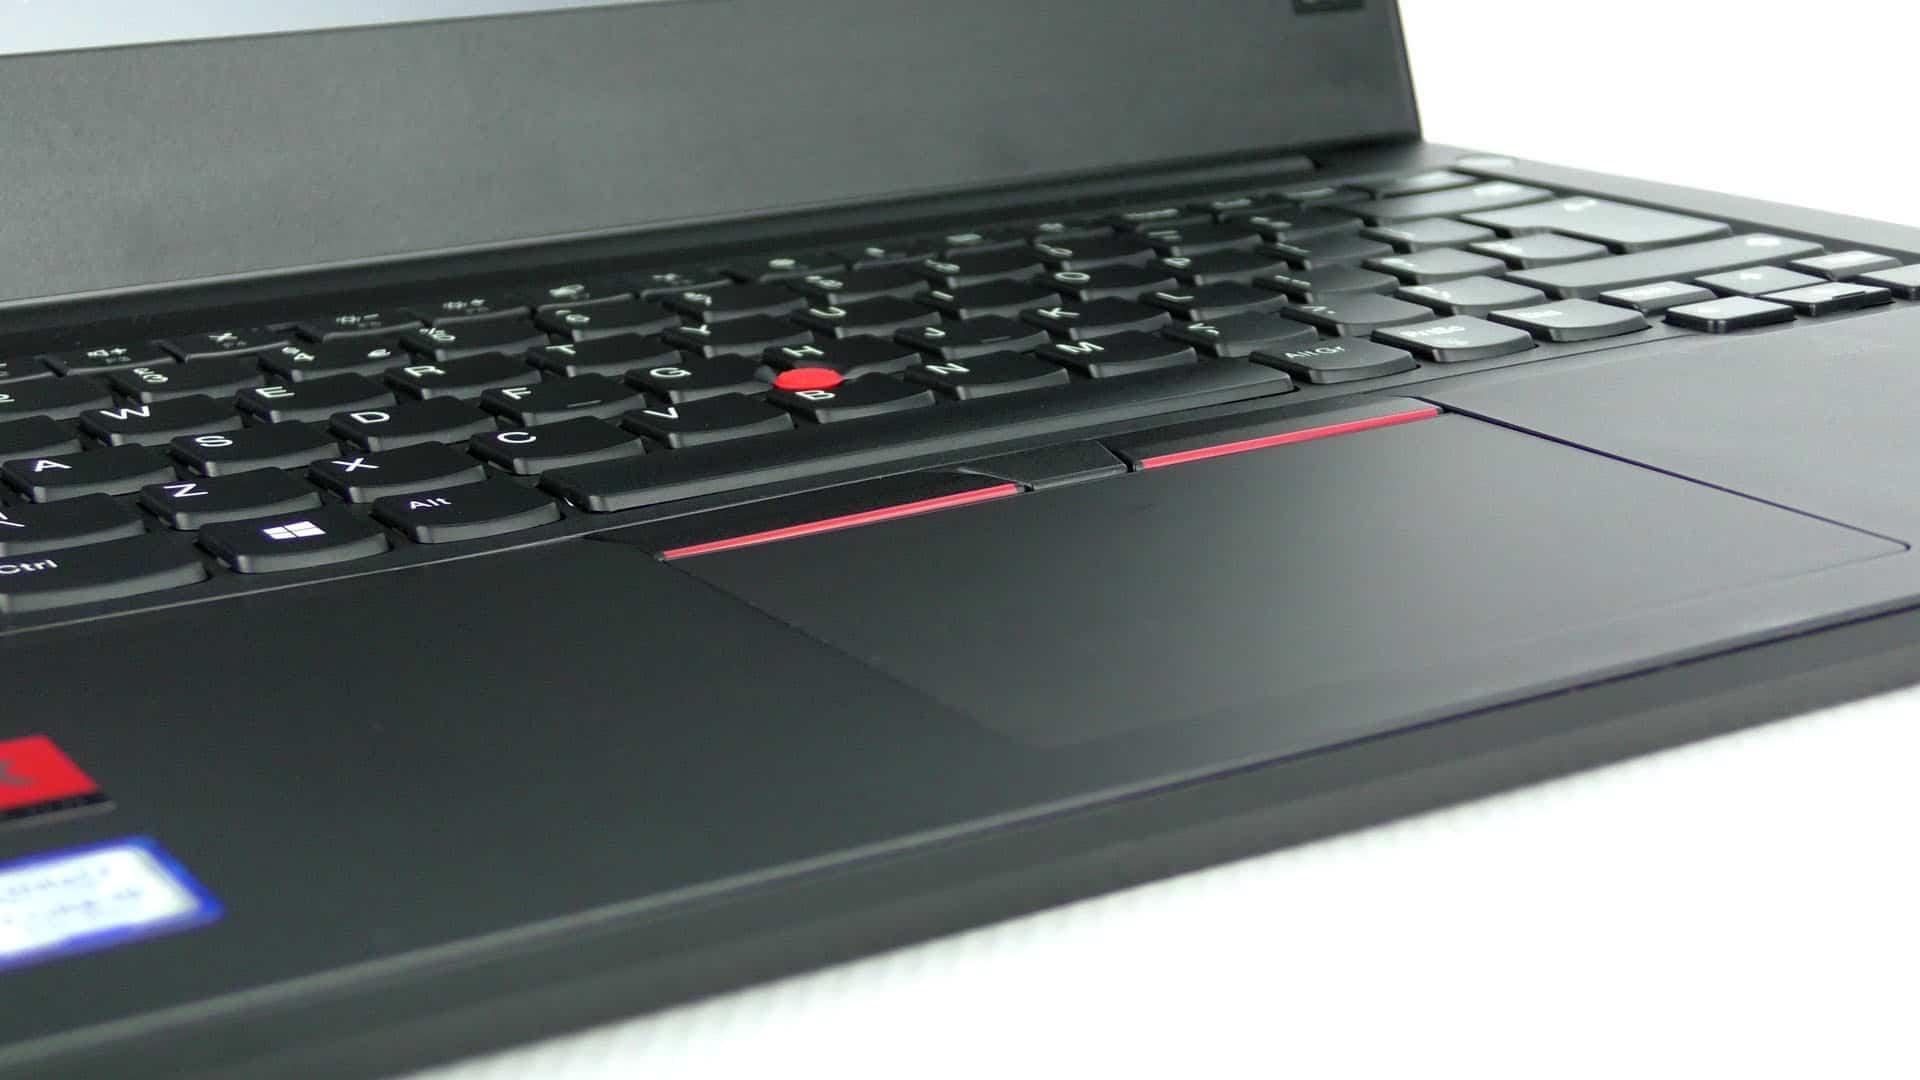 Lenovo ThinkPad E480 - touchpad